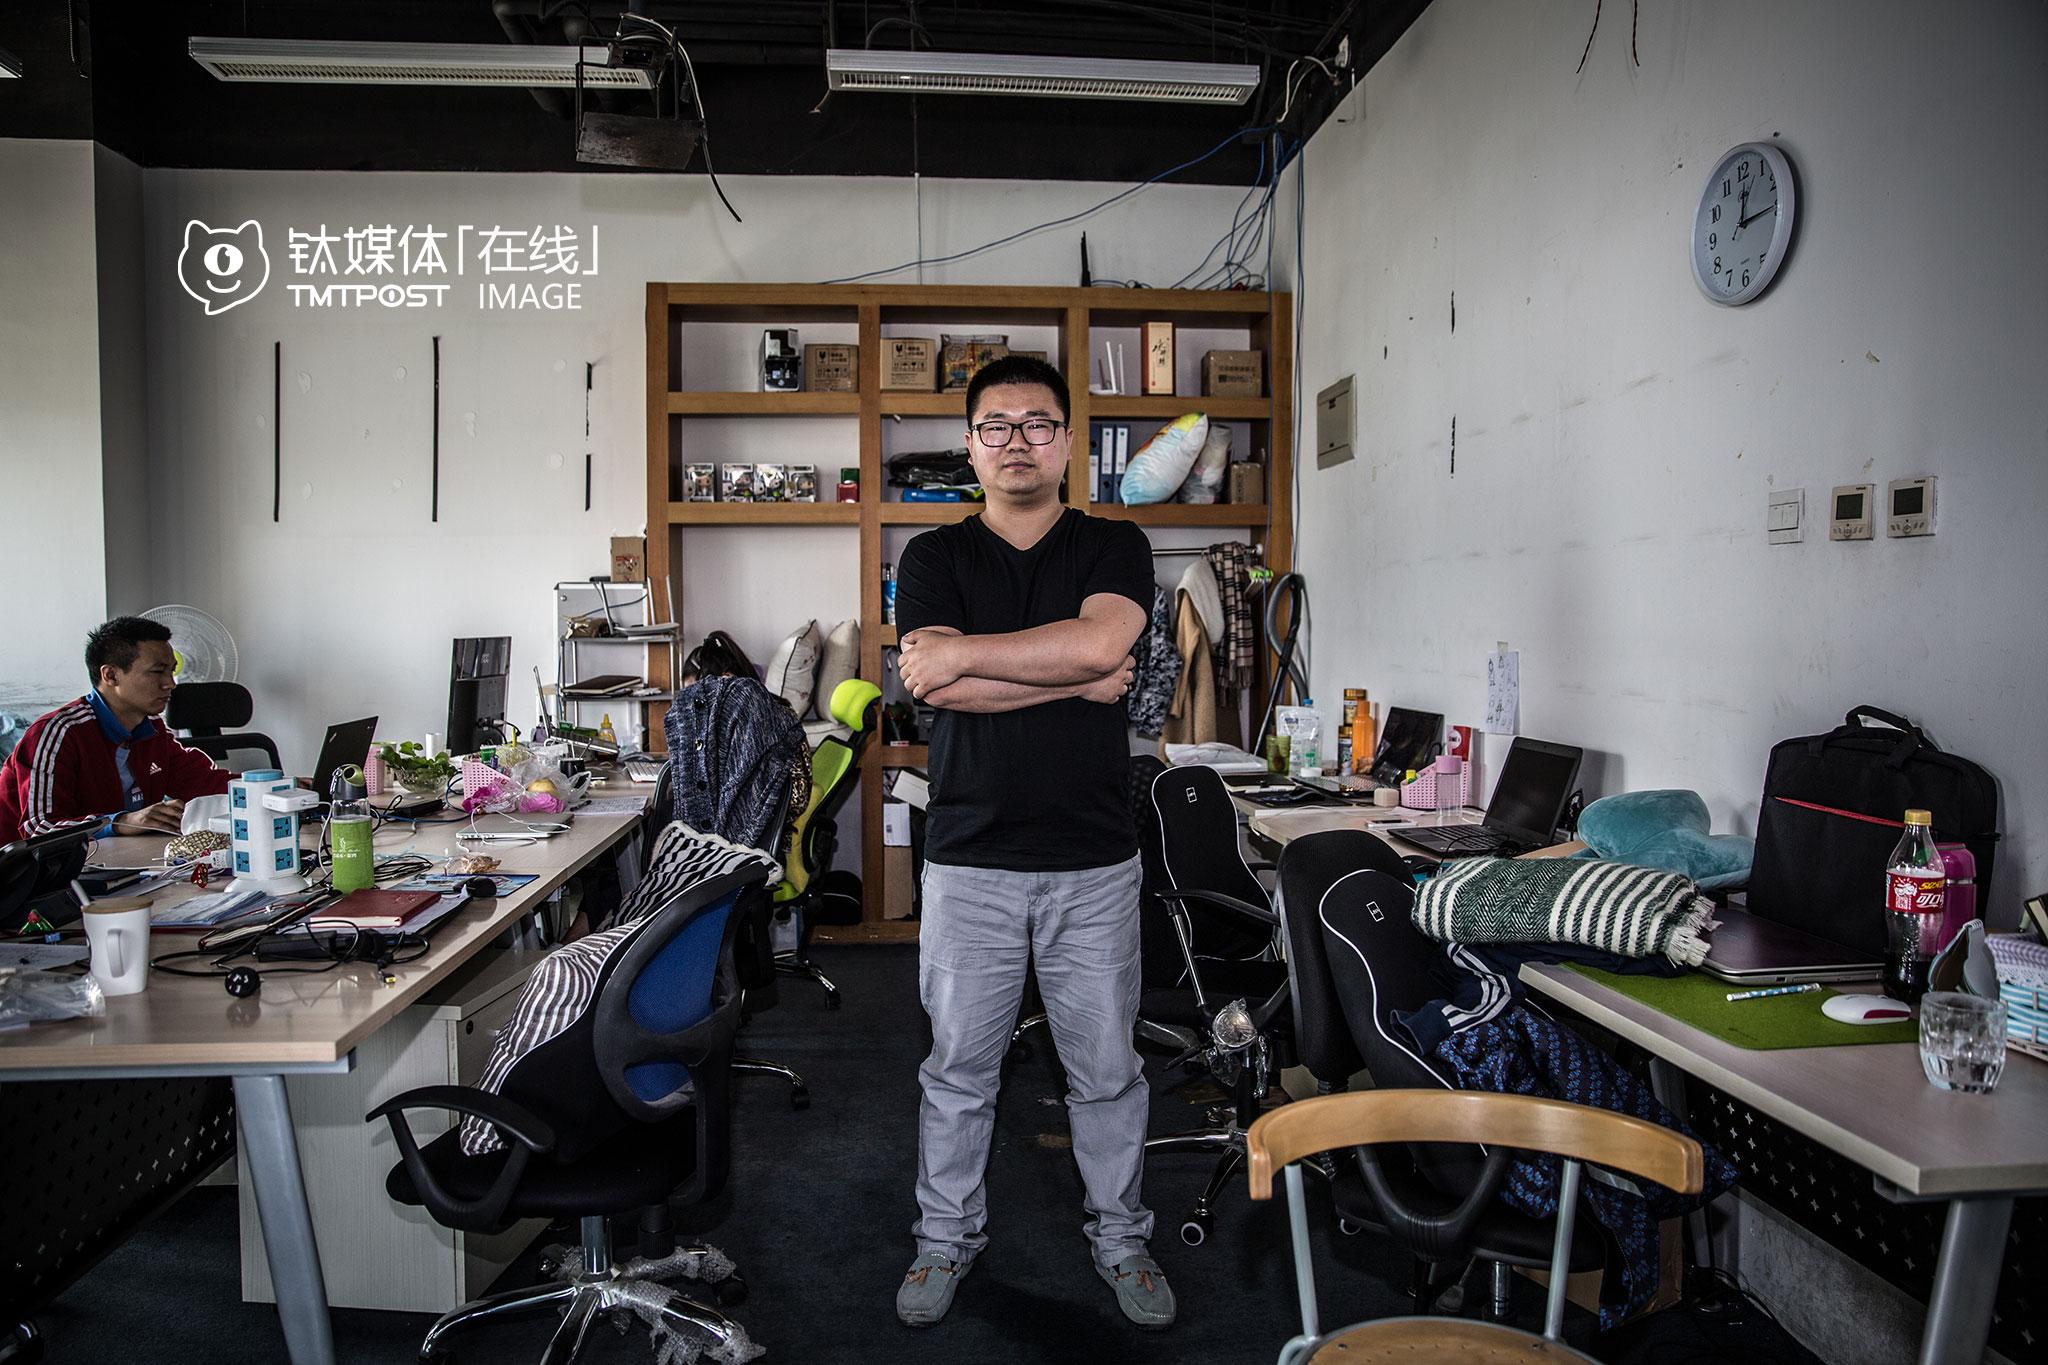 """2015年11月,手工艺品社交电商""""美不美""""创始人何鹏飞带着团队,将公司迁到上地。""""这里是北京创业团队氛围最好的地方。""""何鹏飞说,在上地,招人方便,自己的项目也很快拿到了融资。但作为一个专注于发现生活美学项目的创始人,他觉得上地的上班族,很少有懂得享受生活的时间,""""上地很多上班族,一天到晚匆匆忙忙,工作效率很高,但是太奔忙,没有自己的生活。"""""""